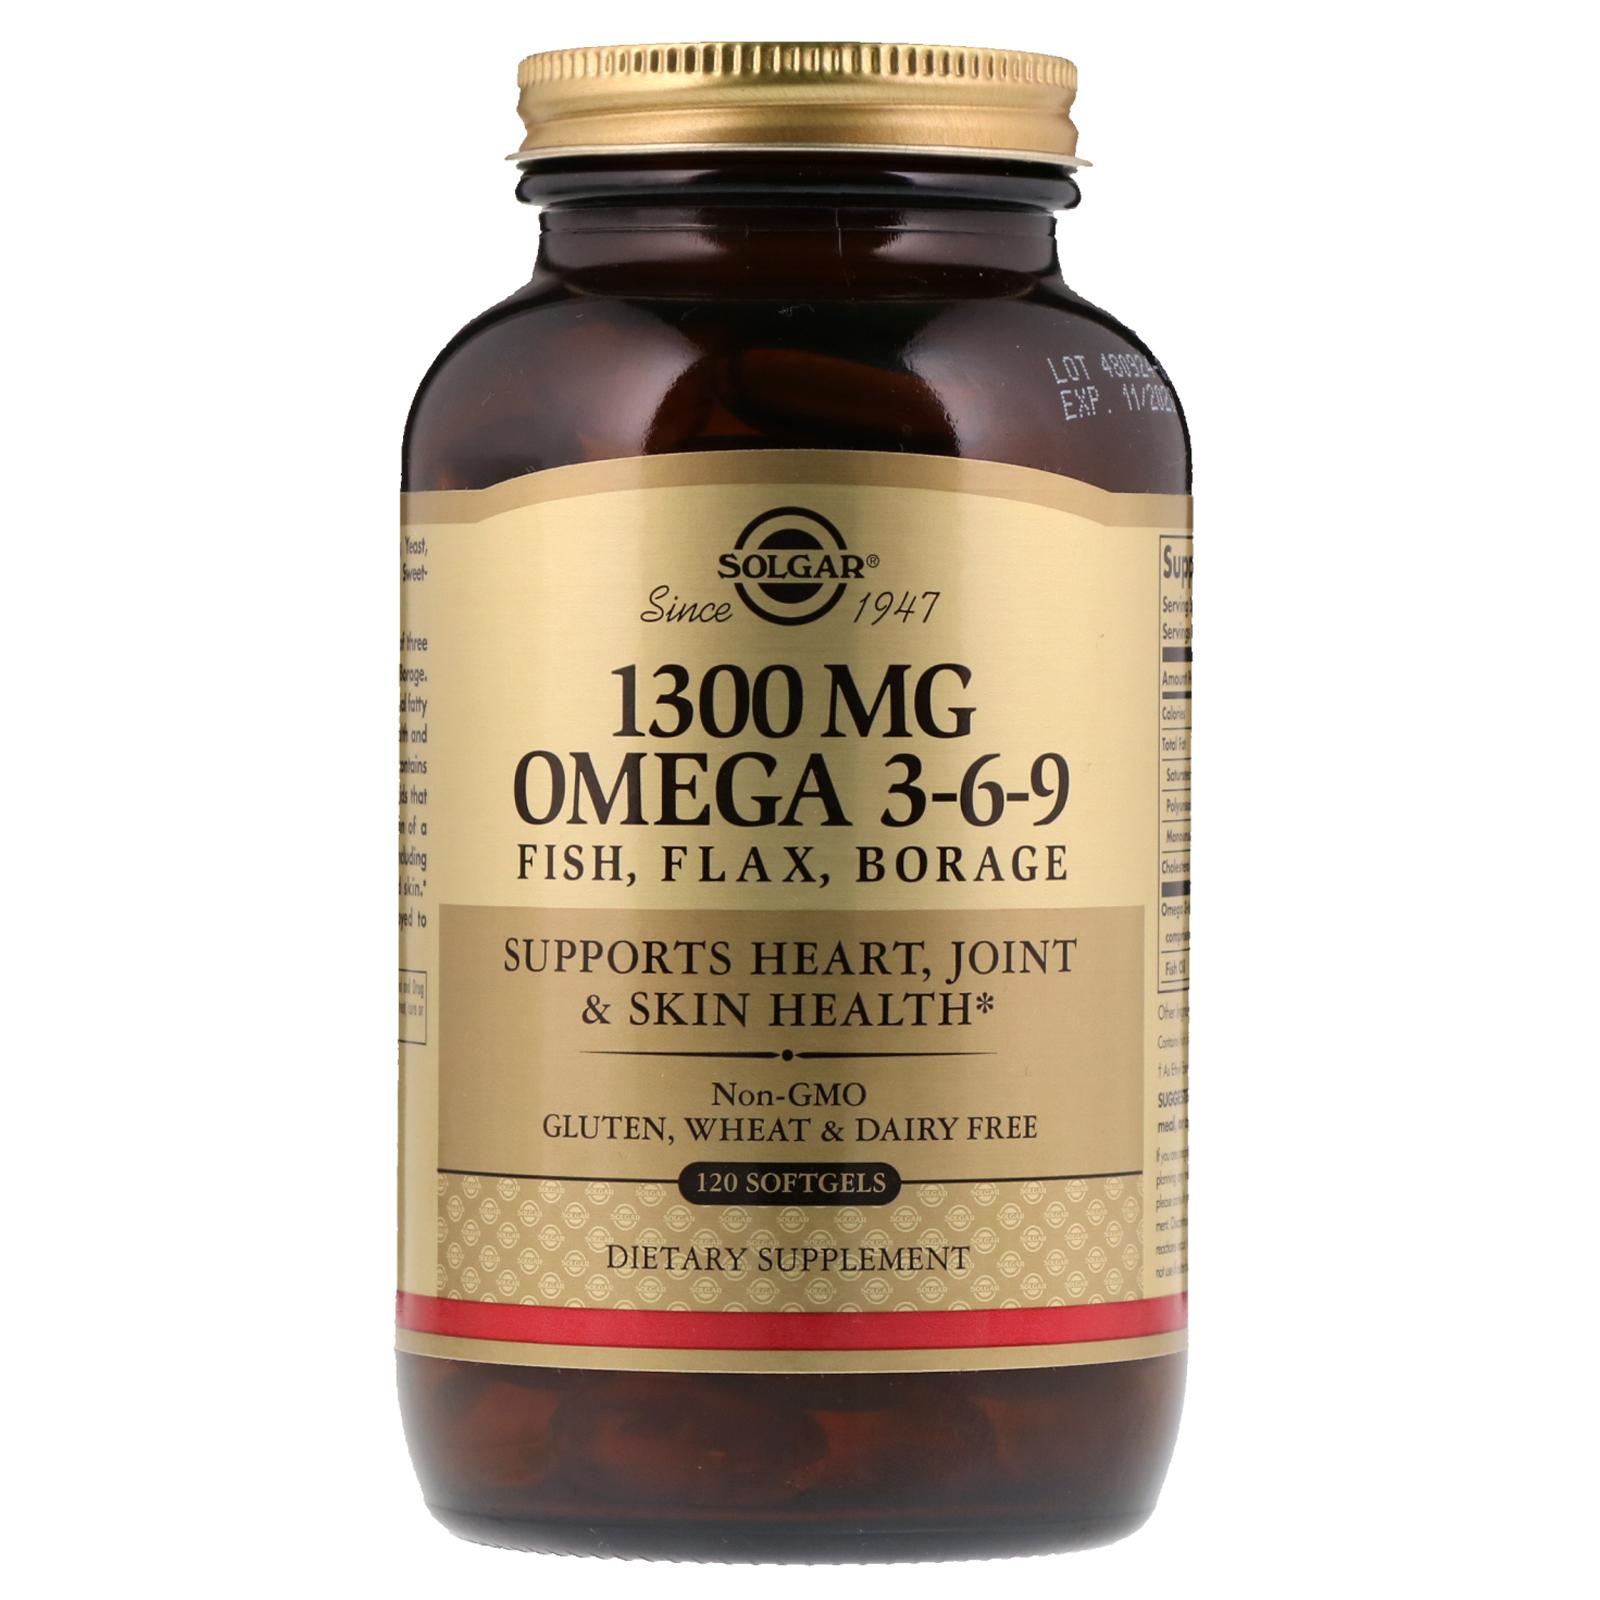 Solgar Omega 3 6 9 1 300 Mg 120 Softgels Iherb